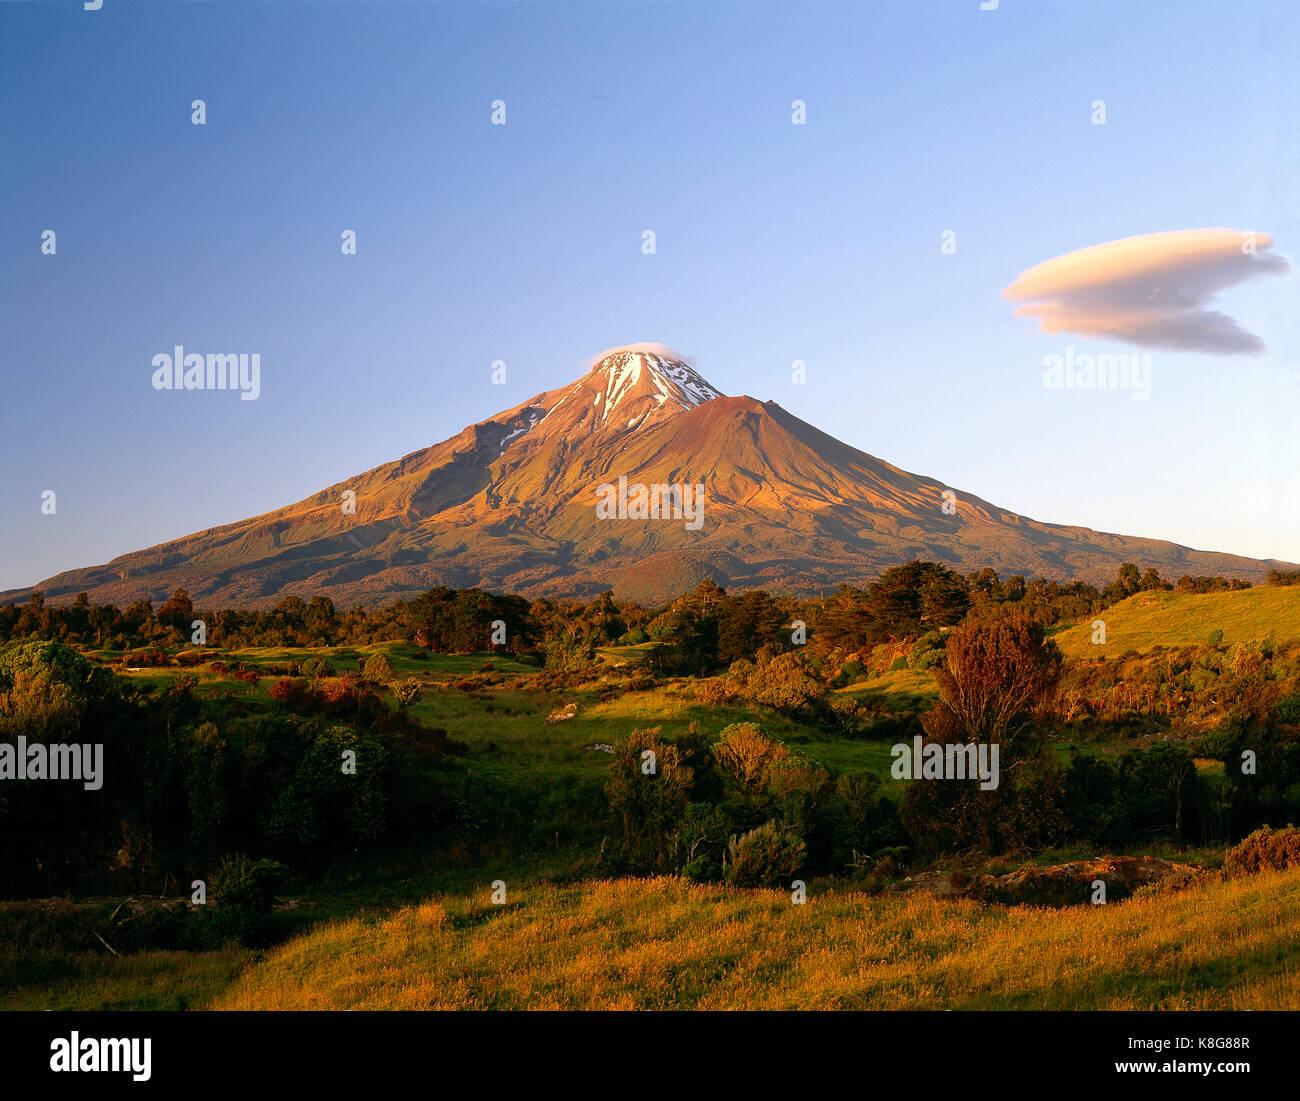 La Nouvelle-Zélande. L'île du nord. le Mont Taranaki. Photo Stock